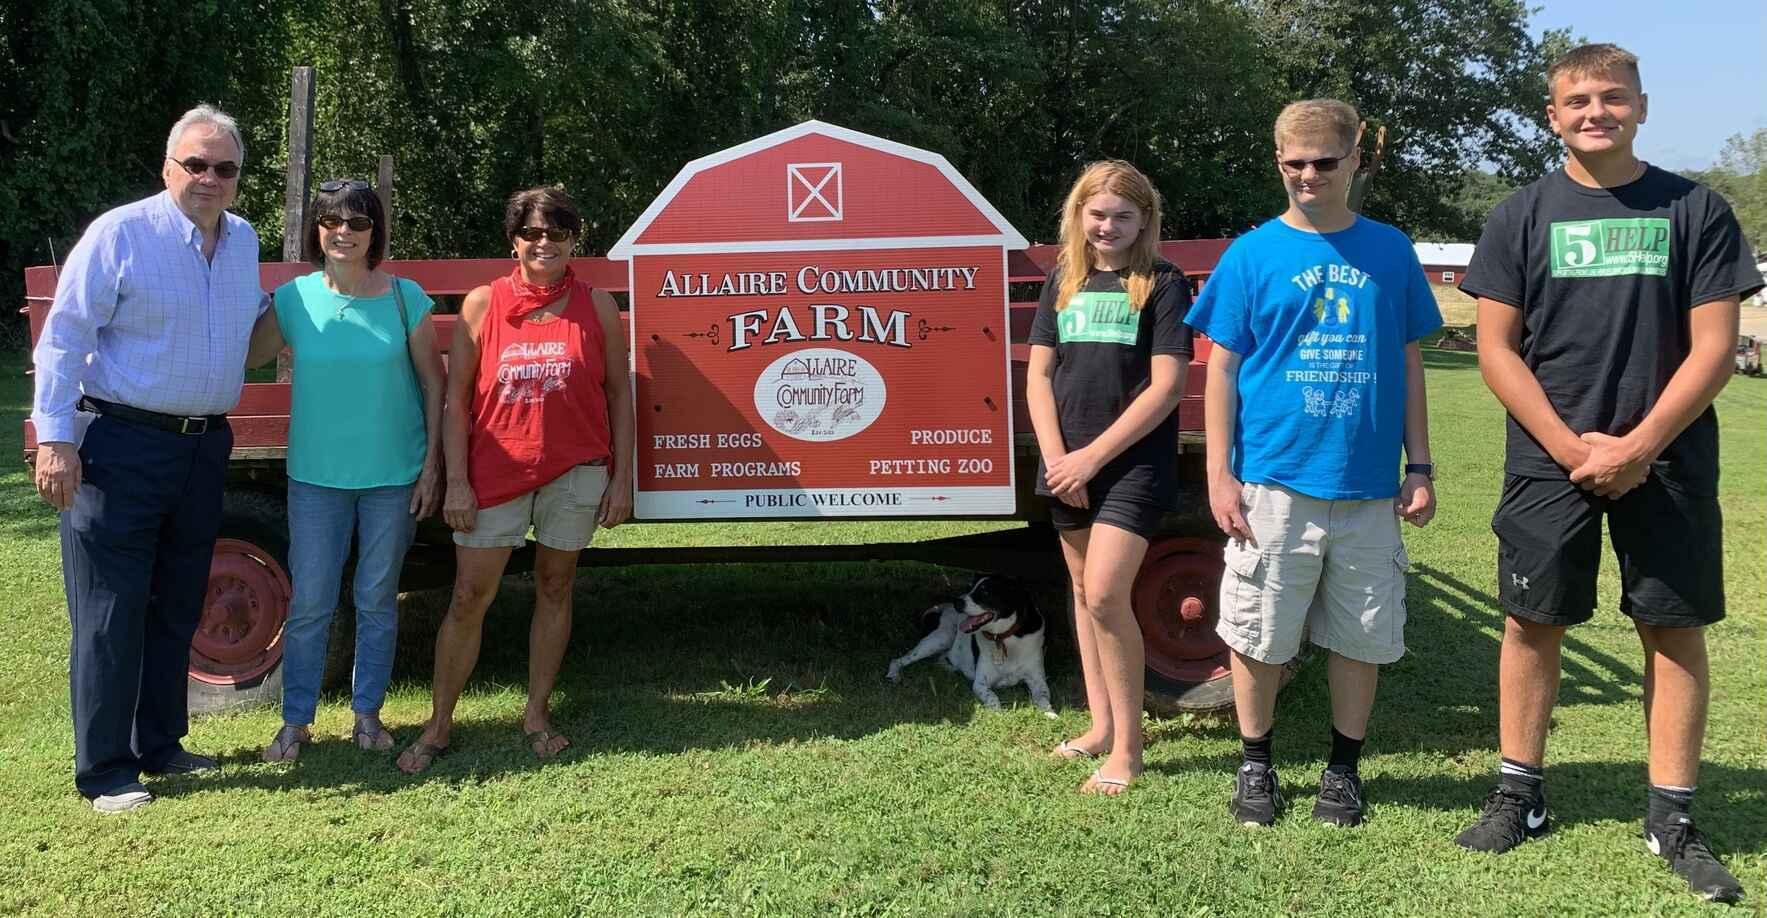 Burn The Mortgage Allaire Community Farm Fundraiser image